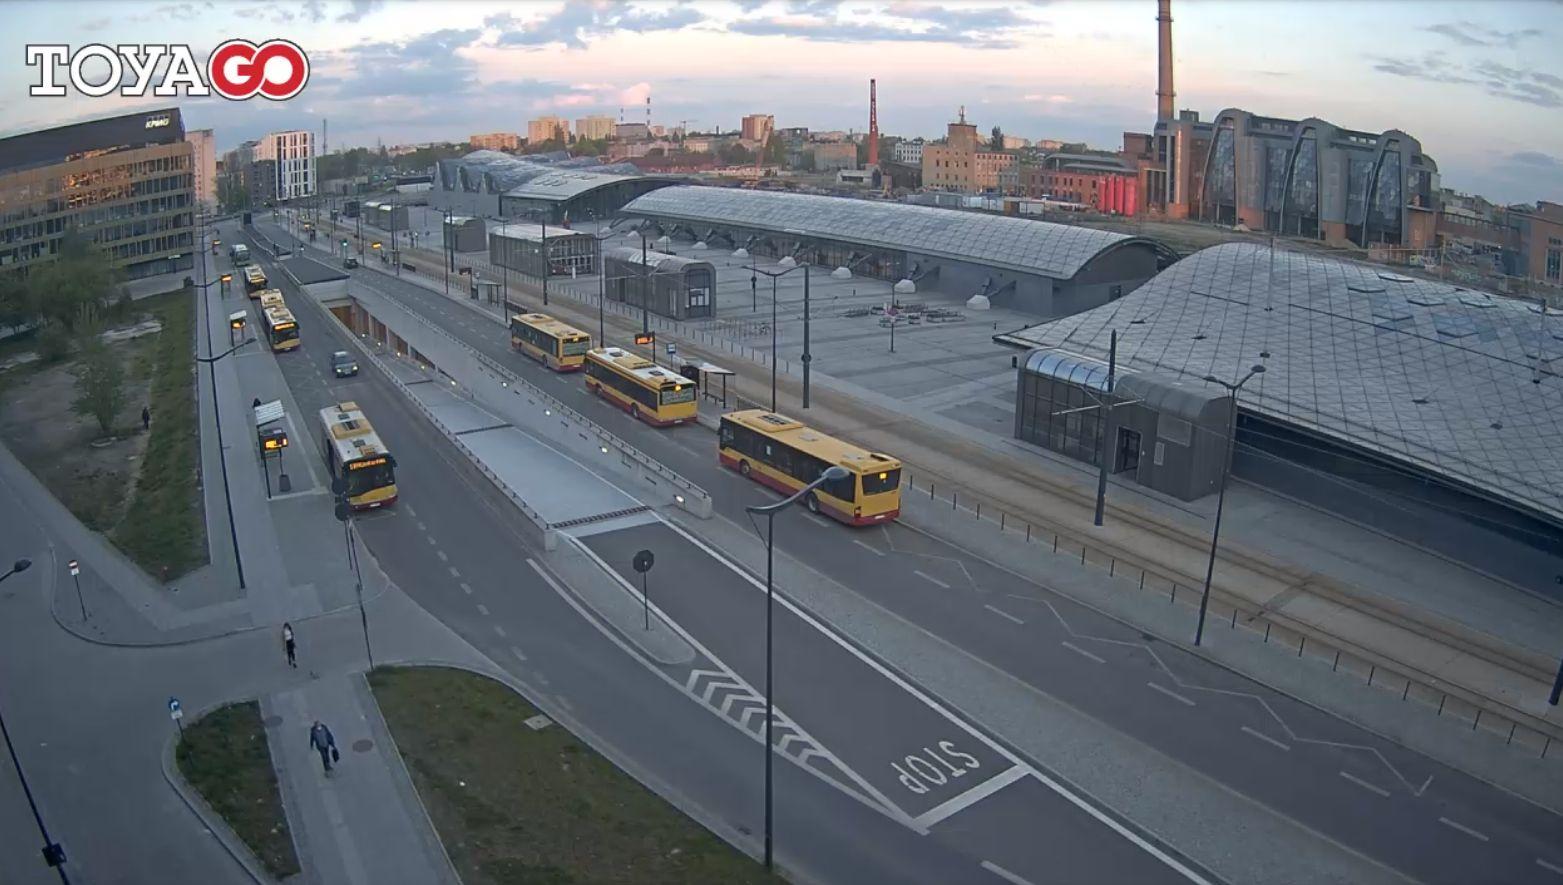 Łódź, dworzec Łódź Fabryczna